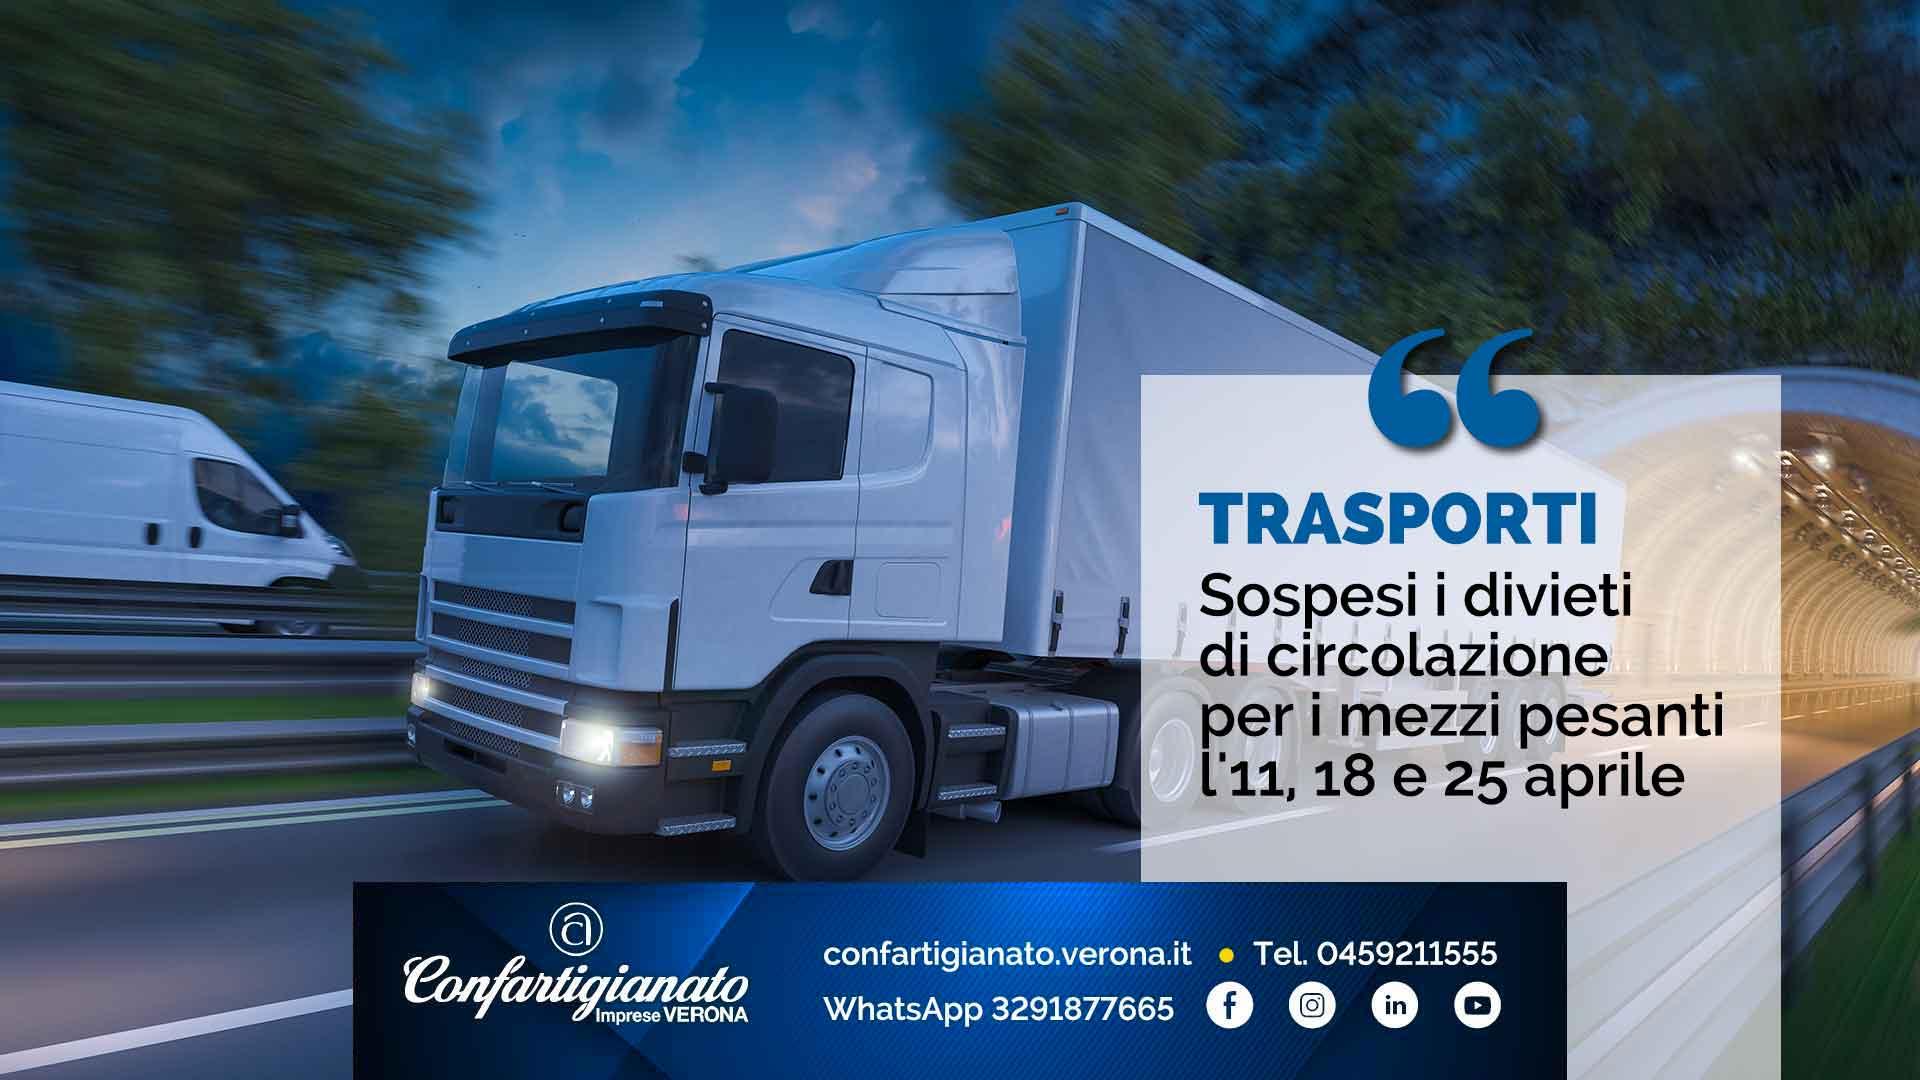 TRASPORTI – Sospesi i divieti di circolazione per i mezzi pesanti l'11, 18 e 25 aprile